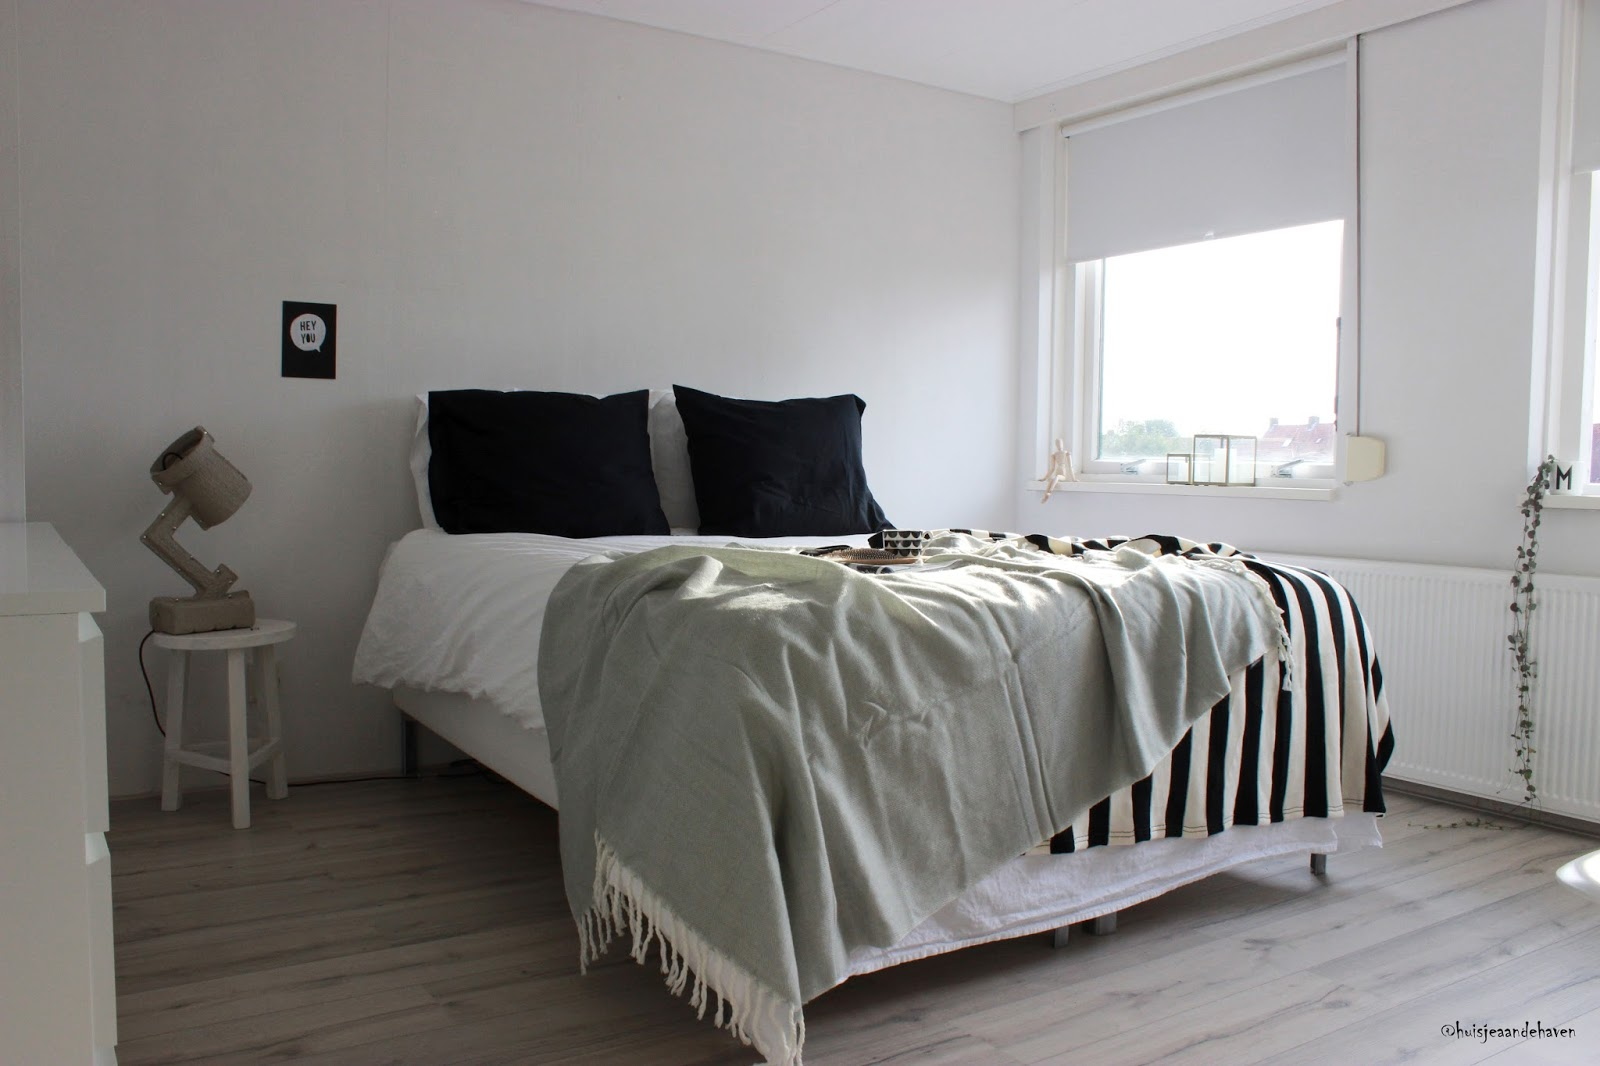 Huisjeaandehaven: Verandering in de slaapkamer